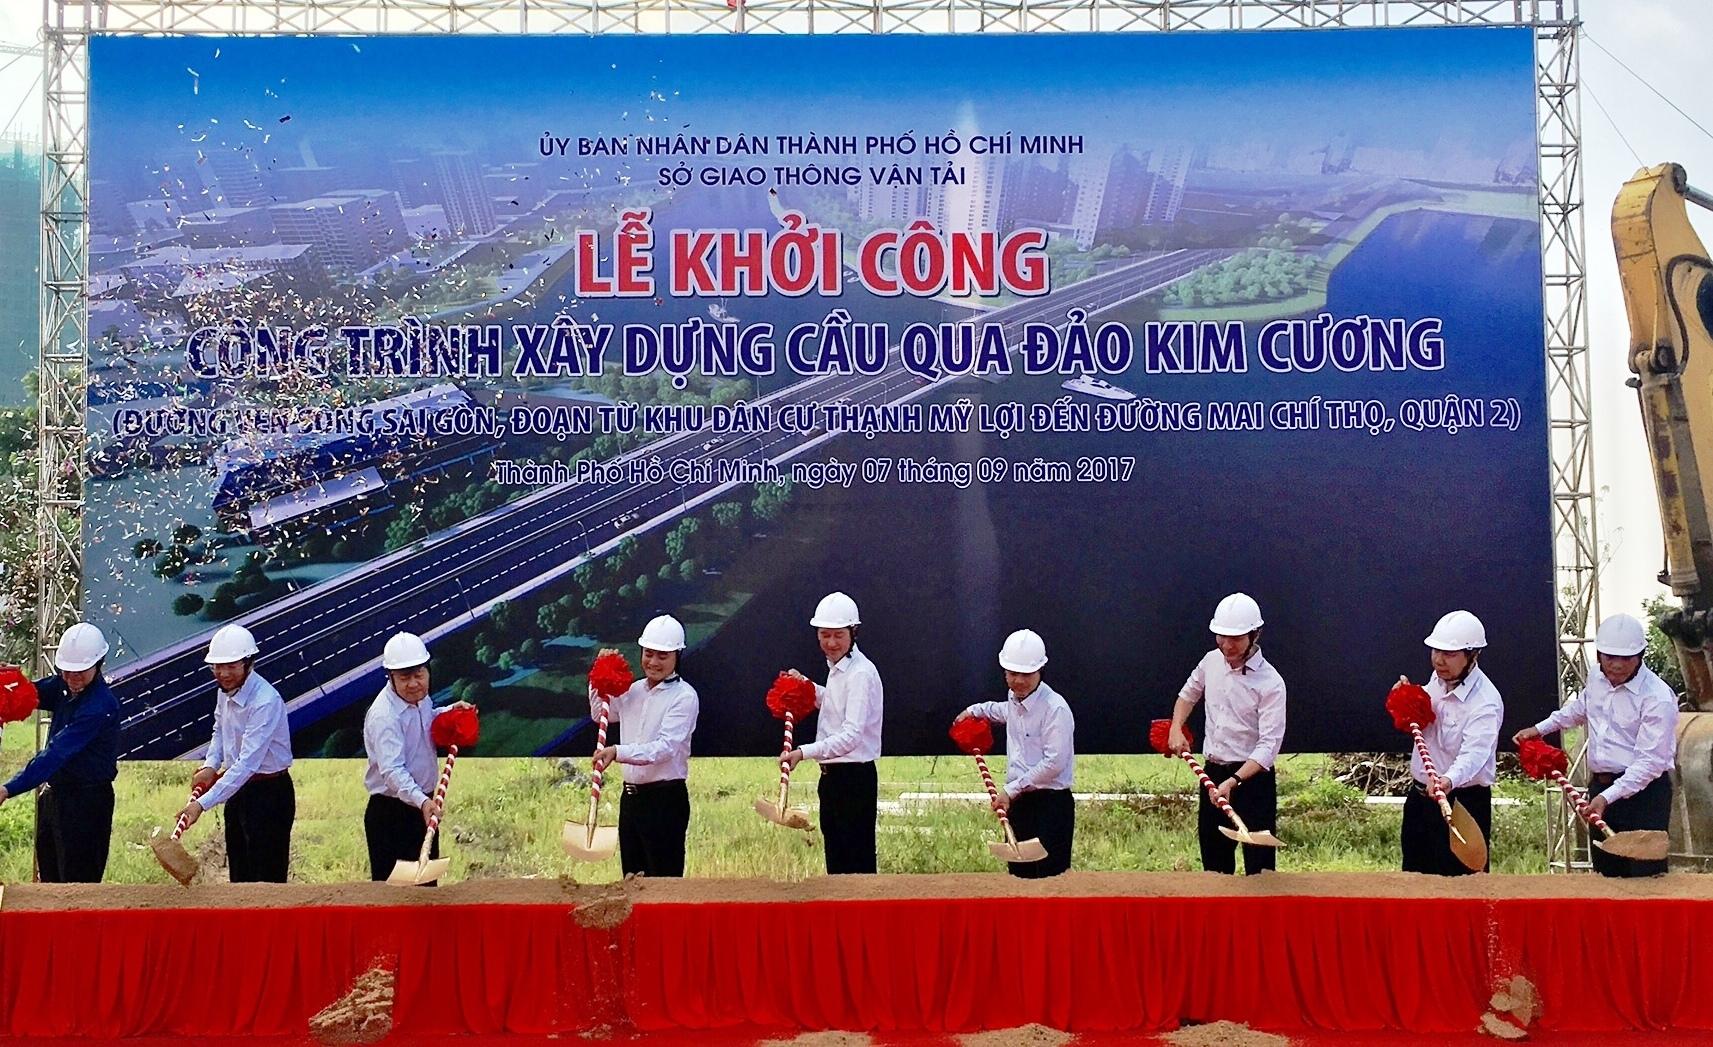 TP.HCM: Khởi công xây cầu 500 tỷ qua đảo Kim Cương